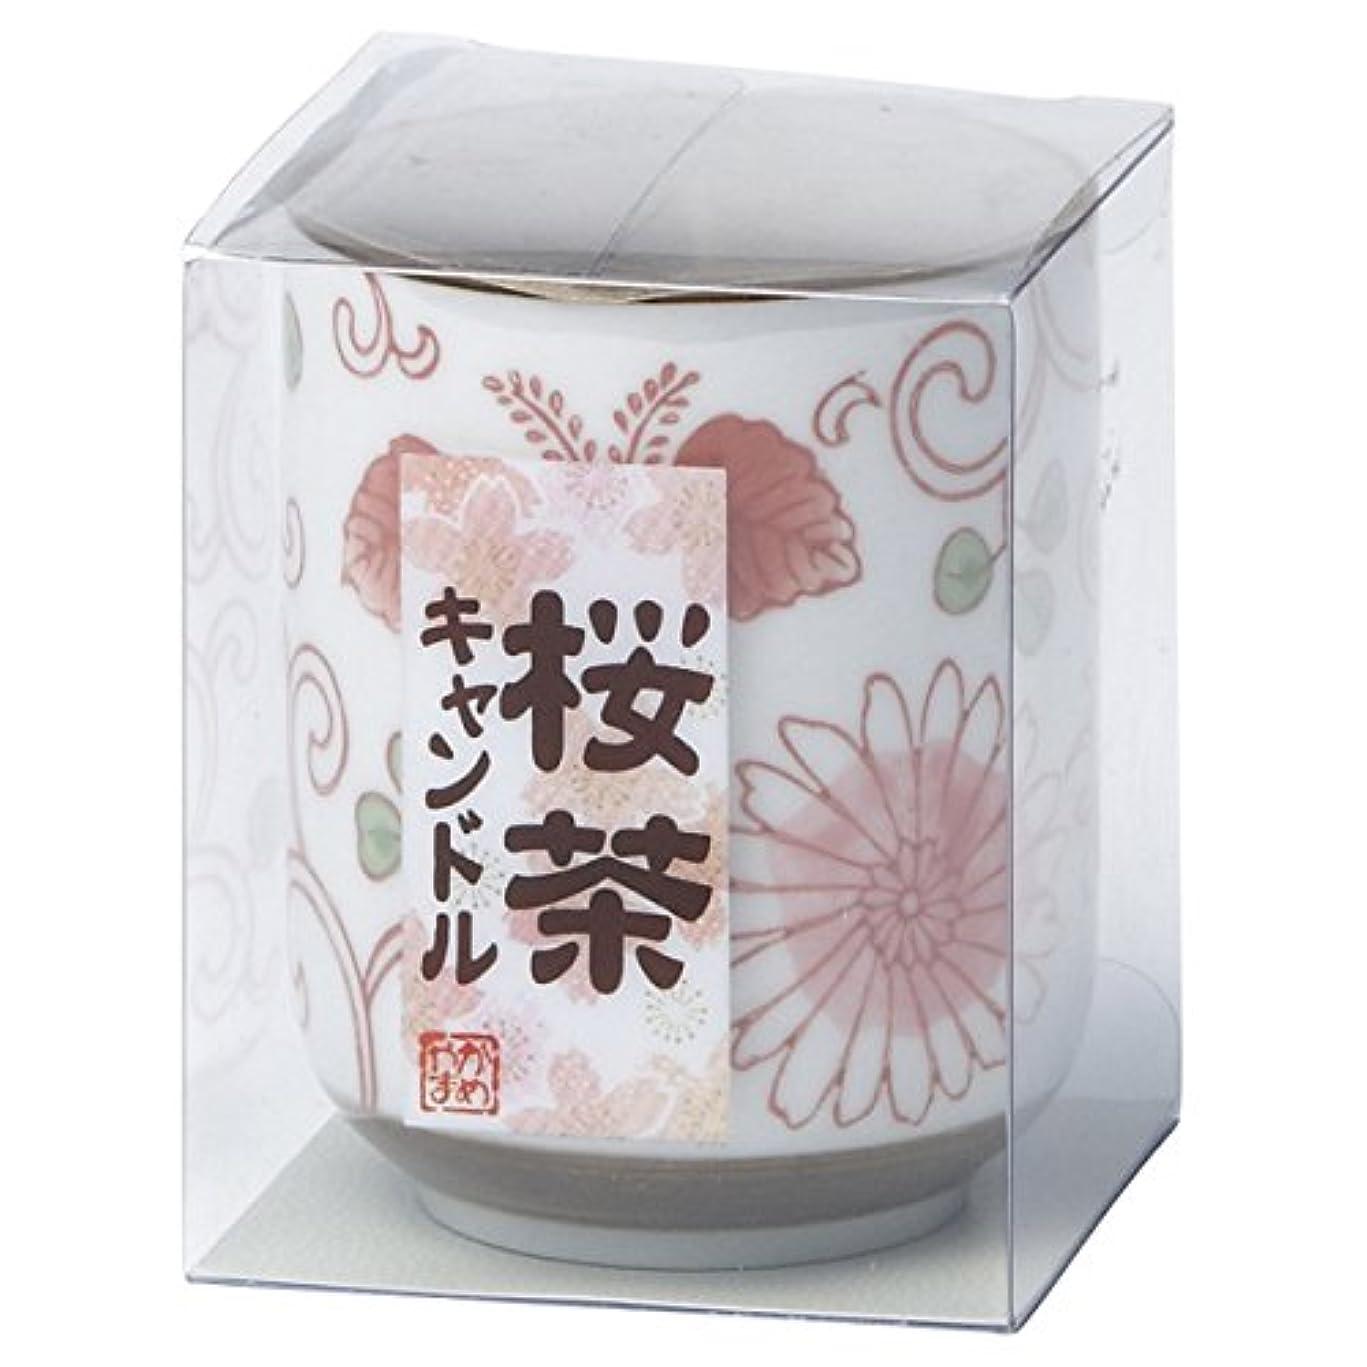 環境スマイルライド桜茶キャンドル